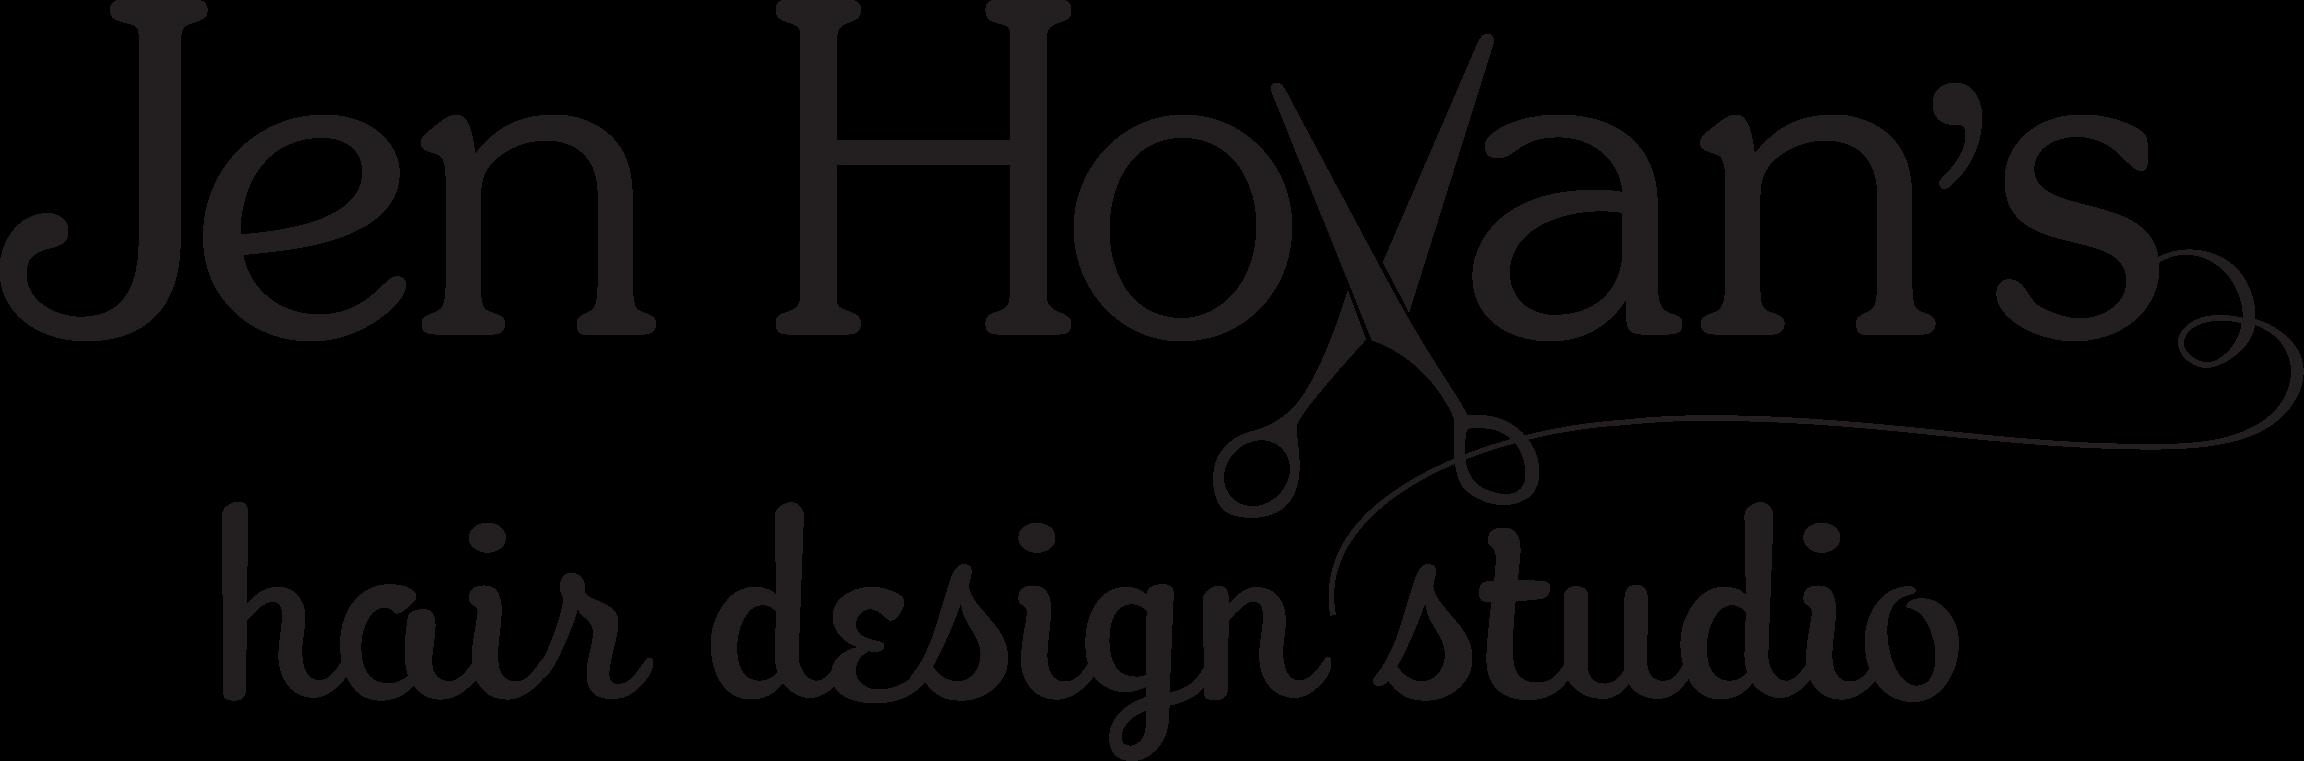 Jen Hovan's Hair Design Studio